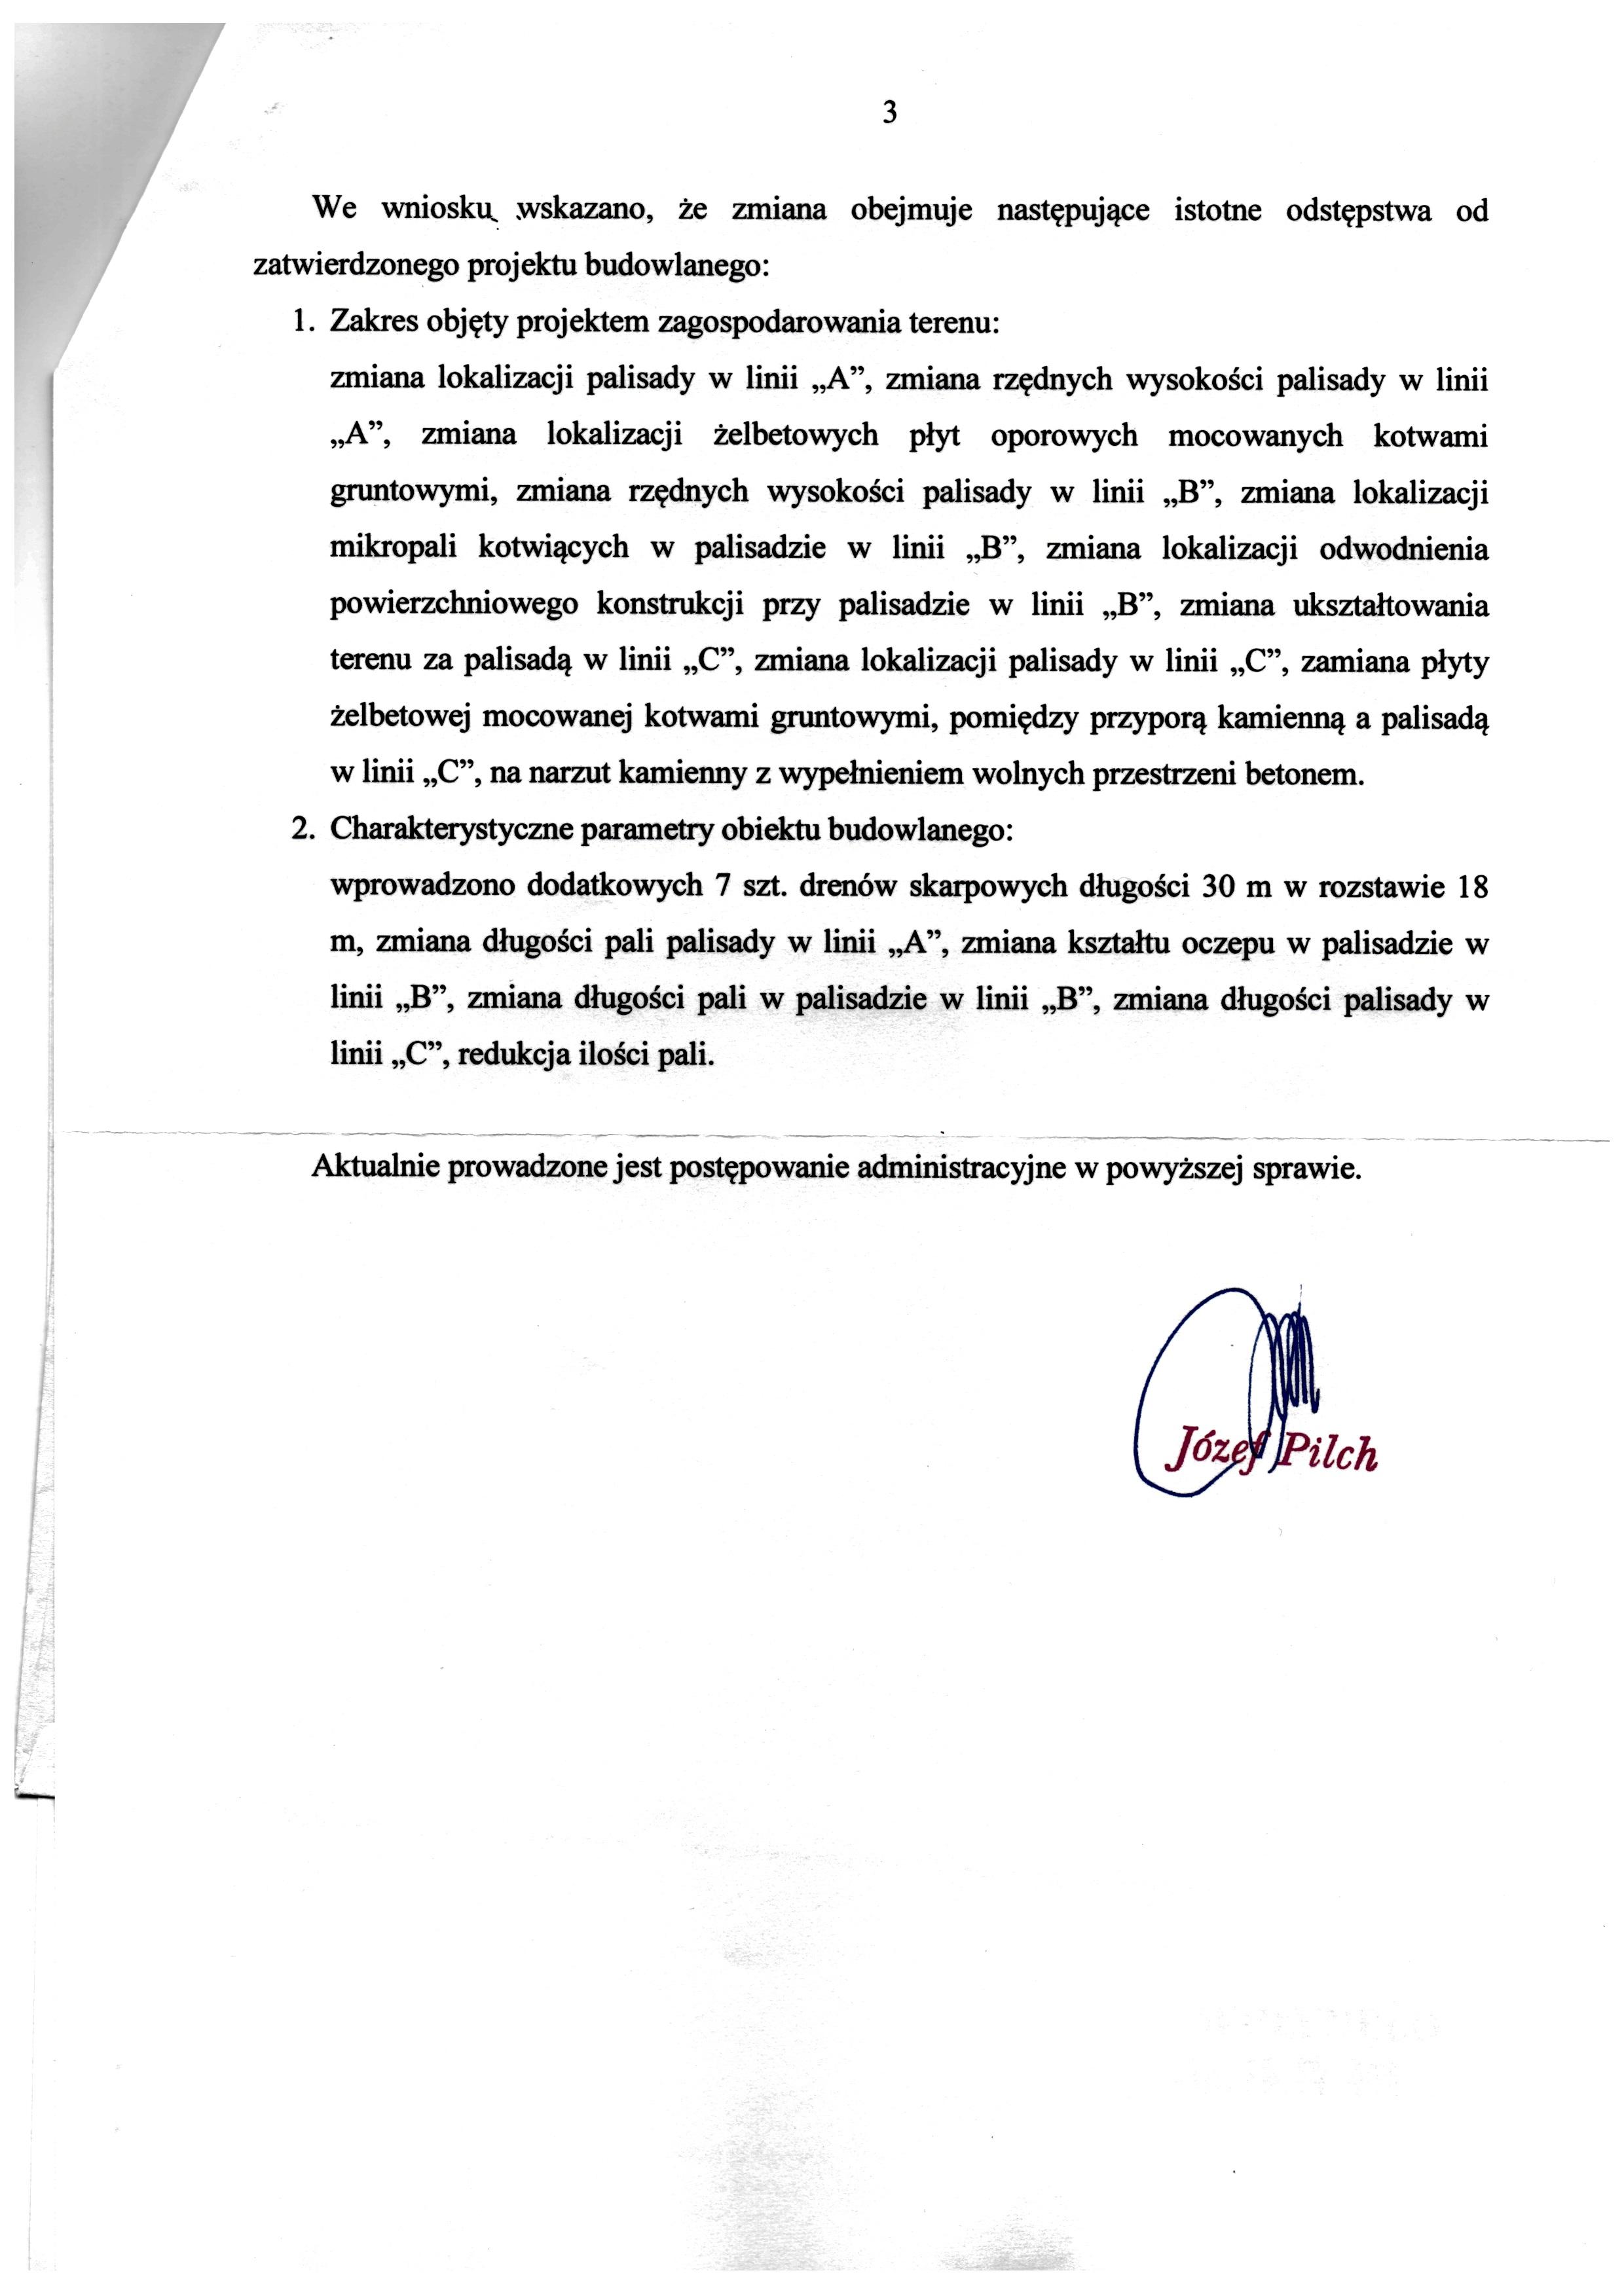 Zbiornik - Wojewoda Pilch - 0003